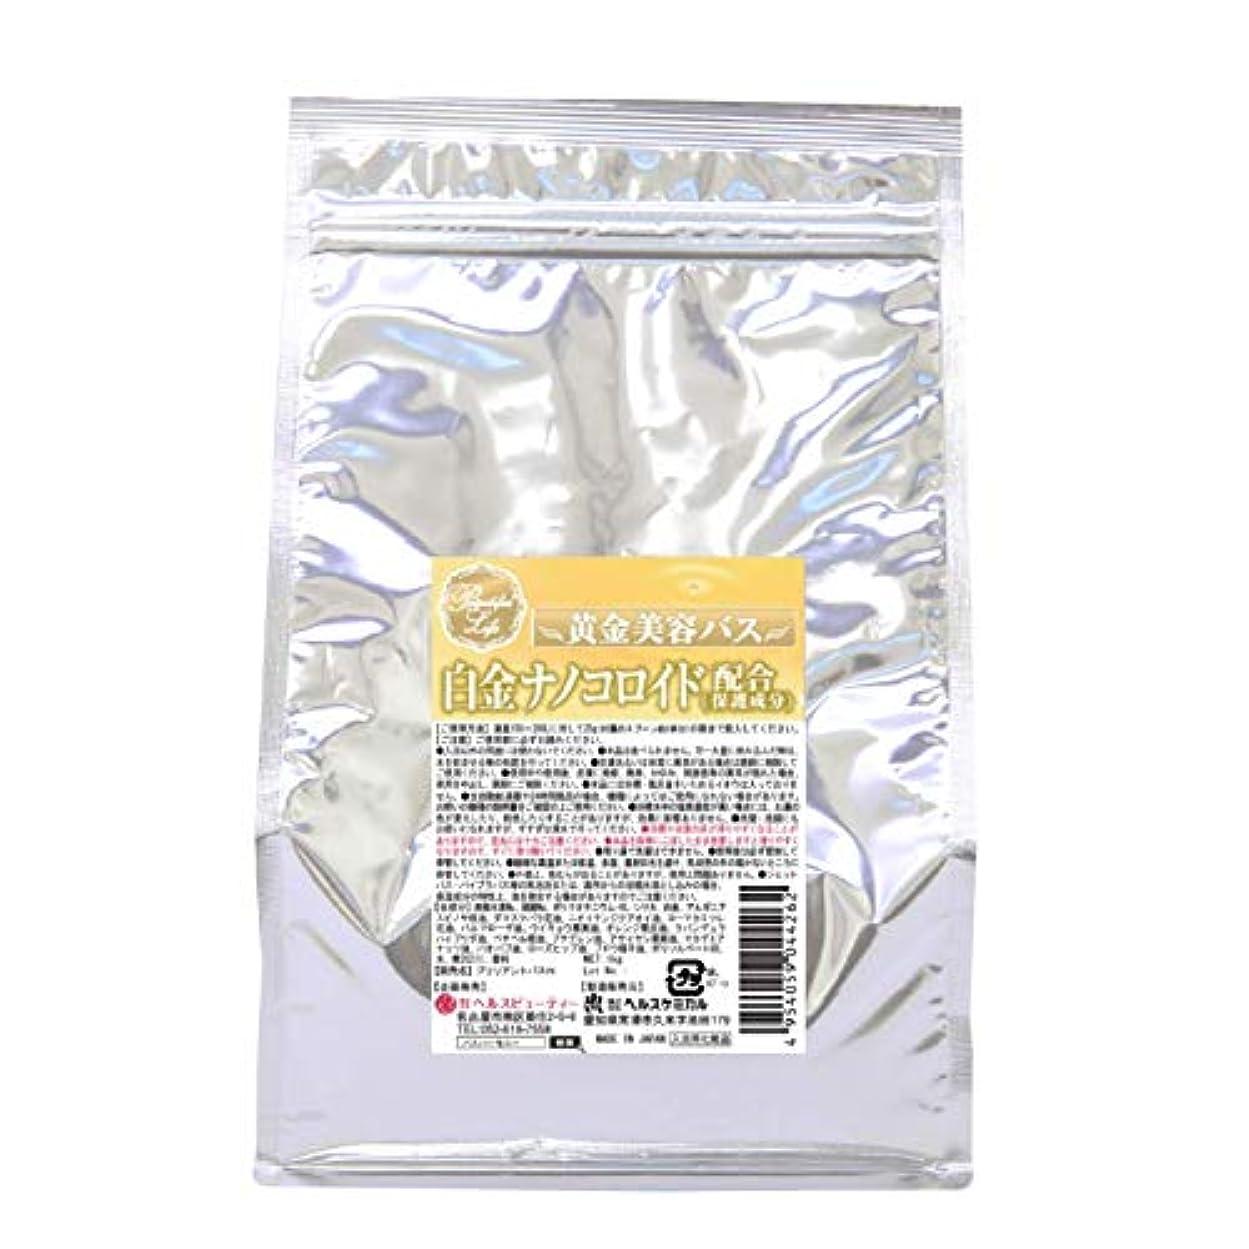 焼く浮浪者履歴書入浴剤 湯匠仕込 白金ナノコロイド配合 1kg 50回分 お徳用